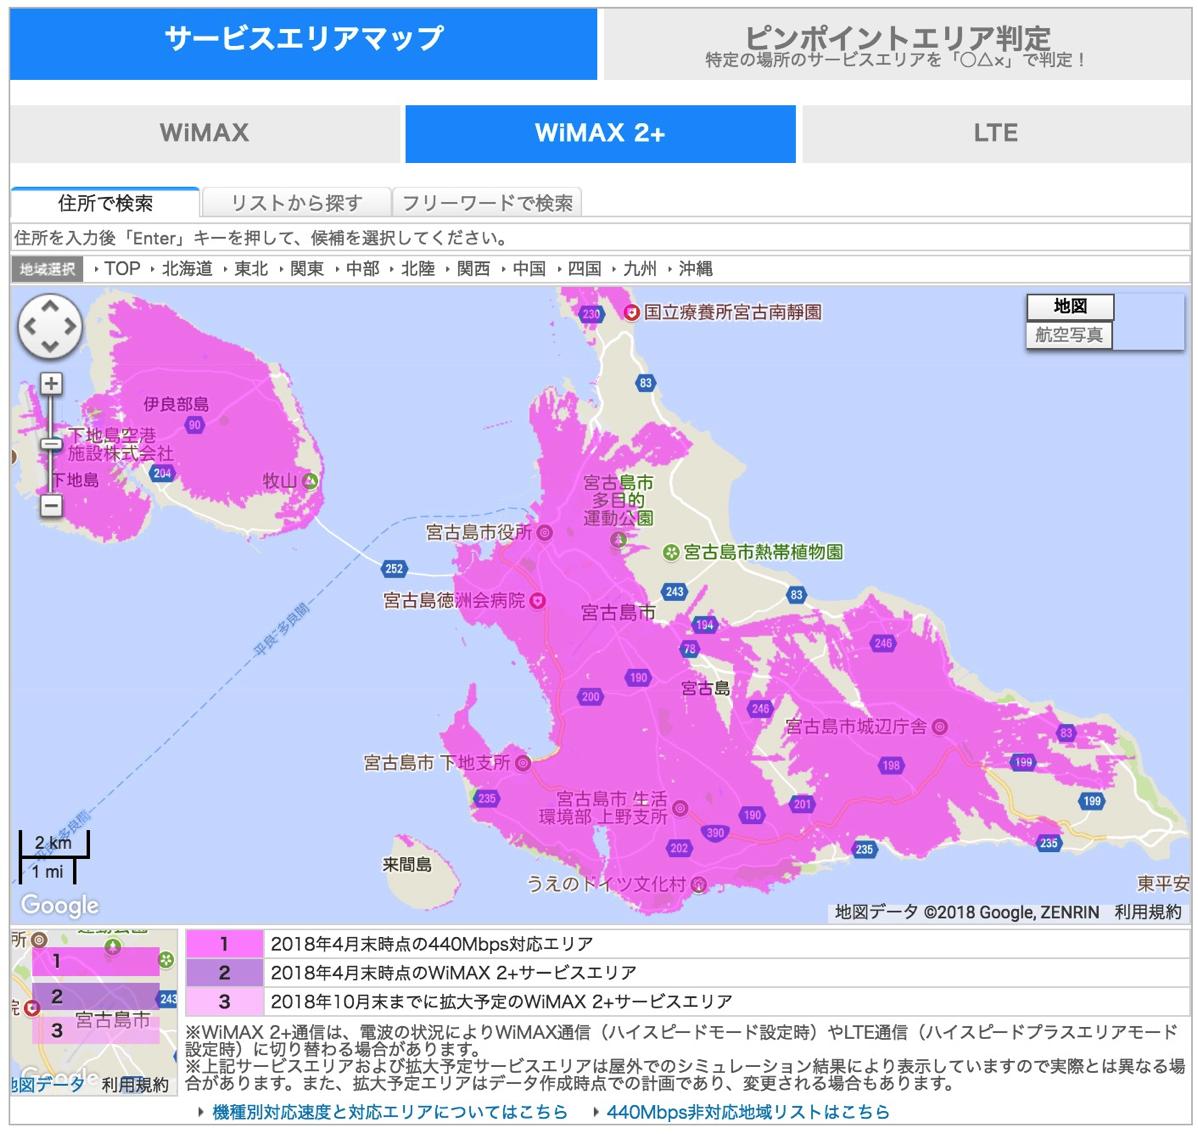 宮古島周辺のWiMAX 2+サービスエリアマップ